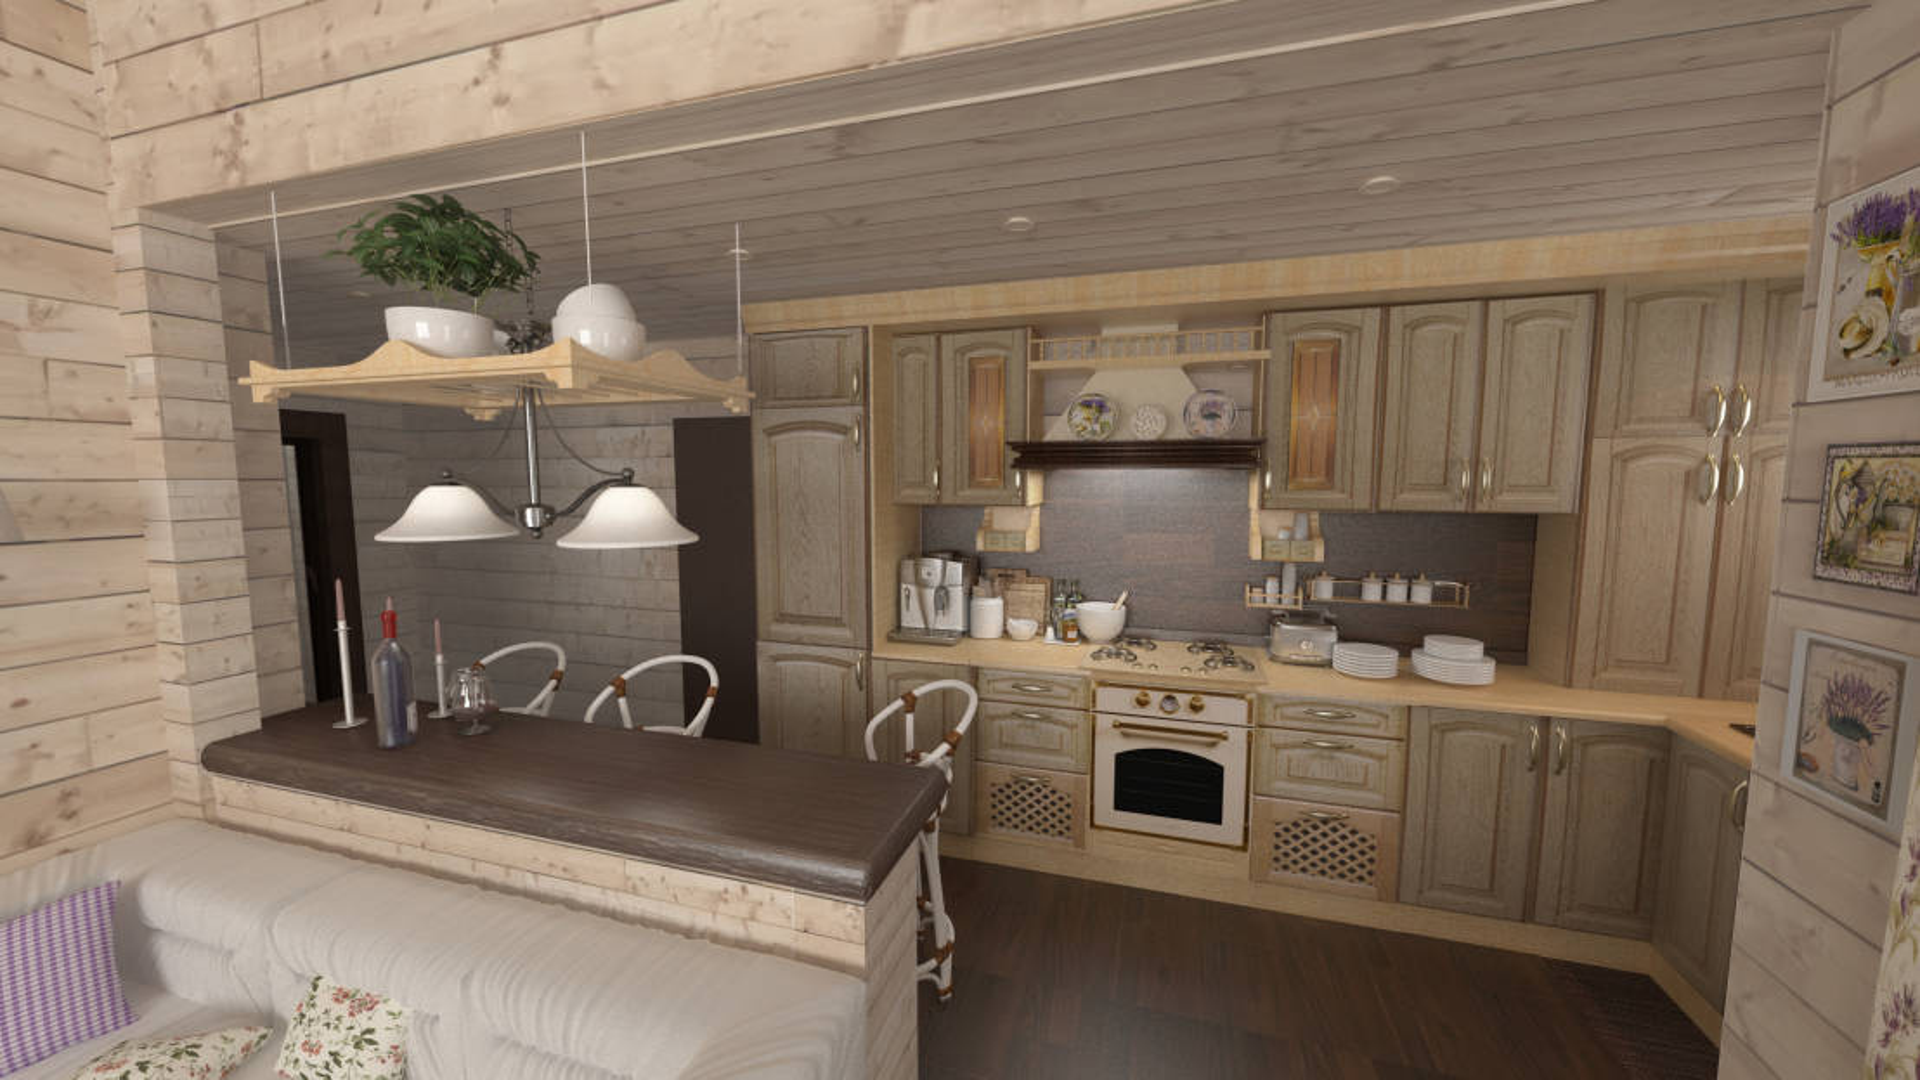 Immagini Di Cucine Country. Perfect Cucina Stile Country Tempora ...